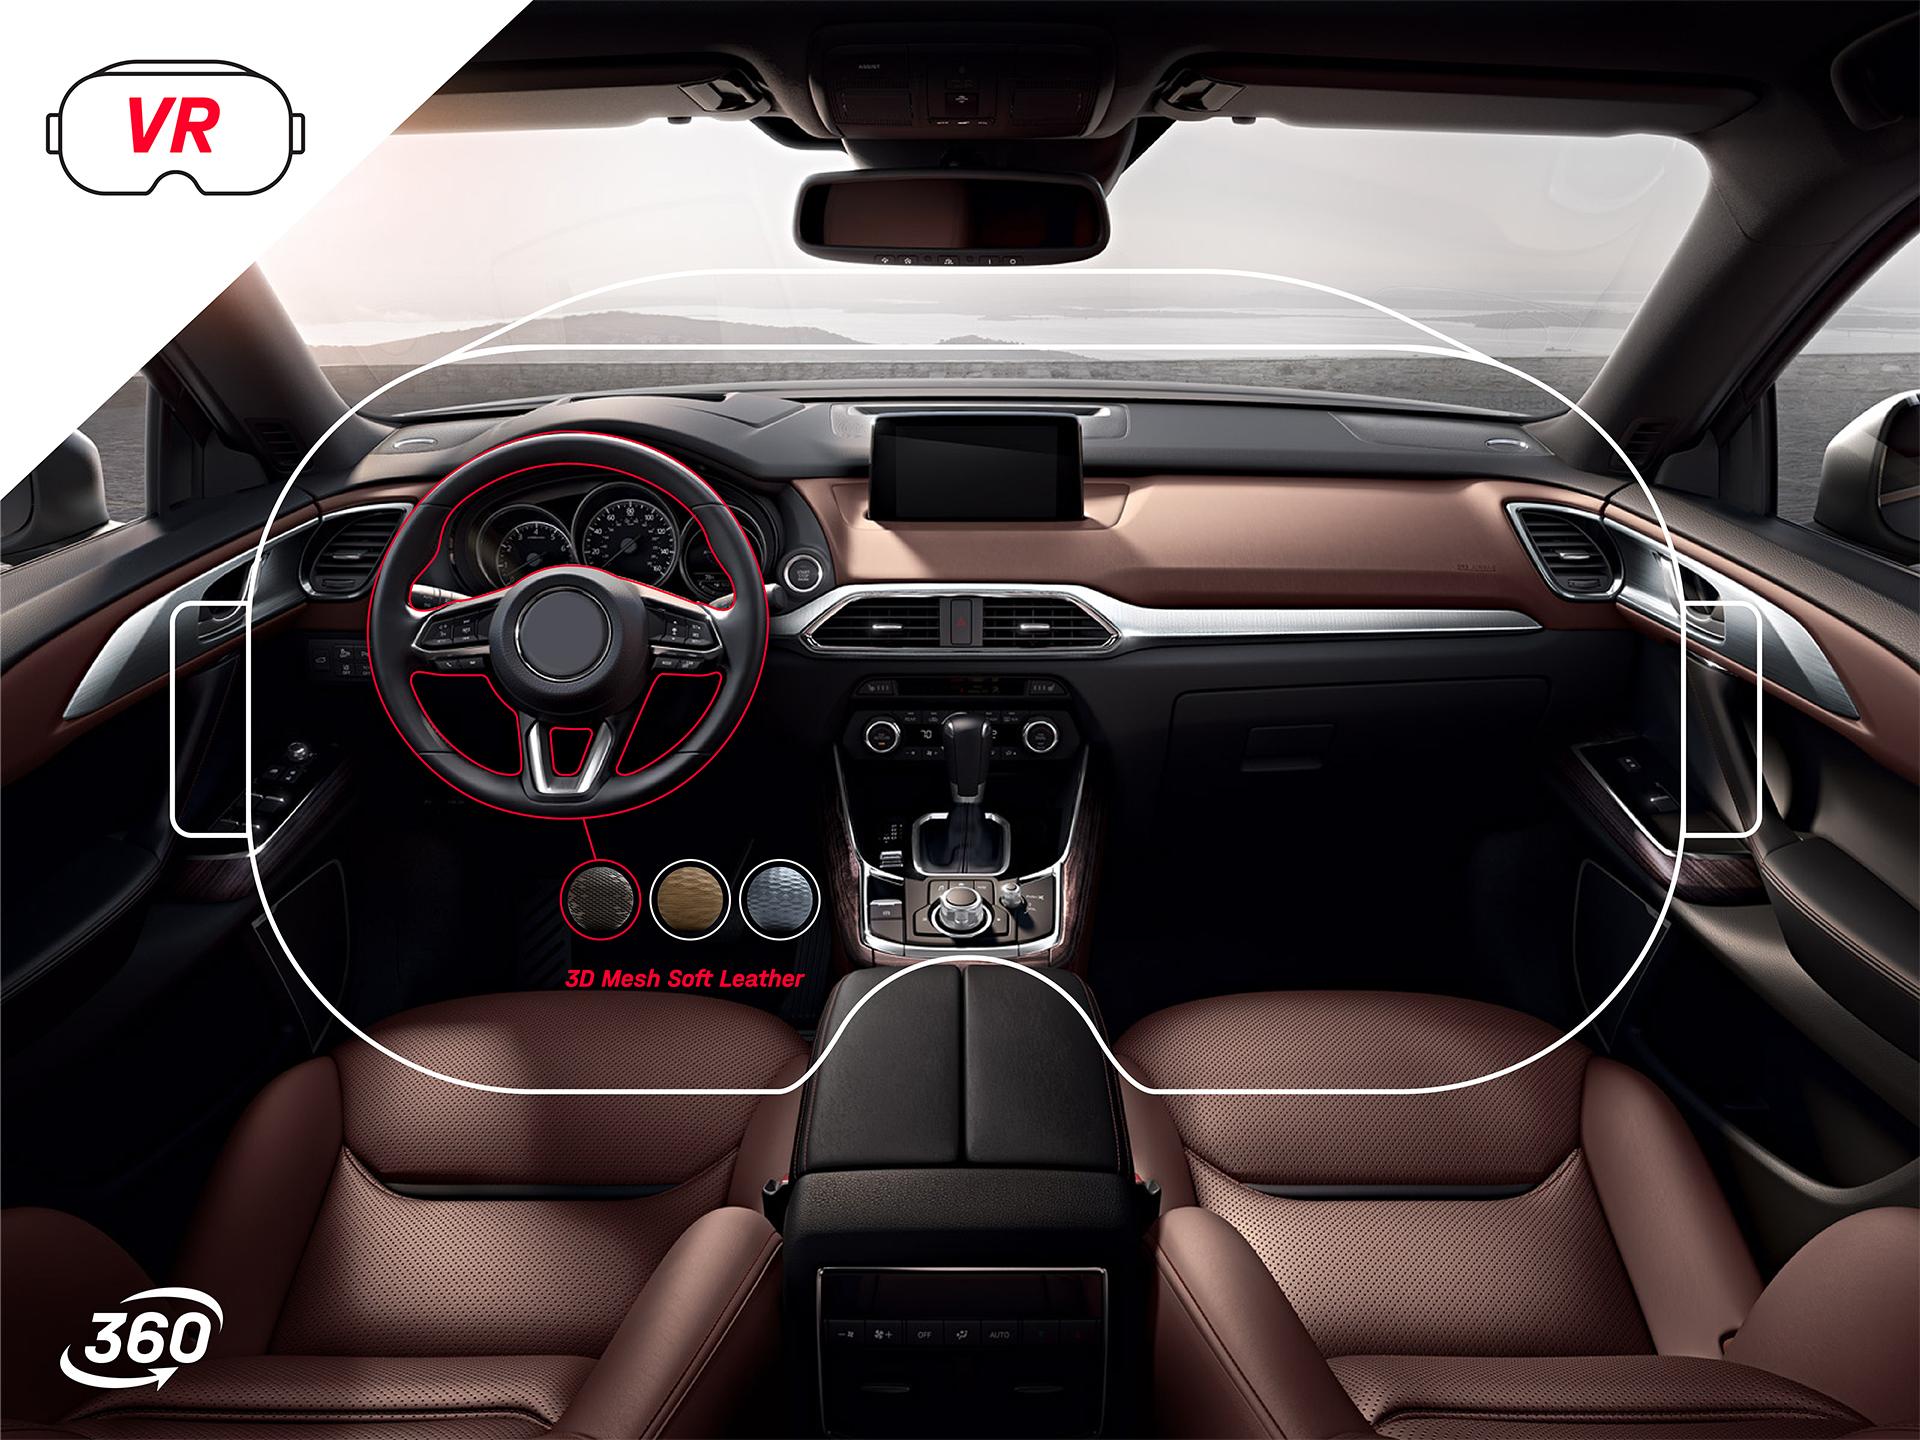 Ansicht einer in-game VR-Brillenansicht. Damit kann interaktiv die Innenausstattung eines Autos personalisiert werden.